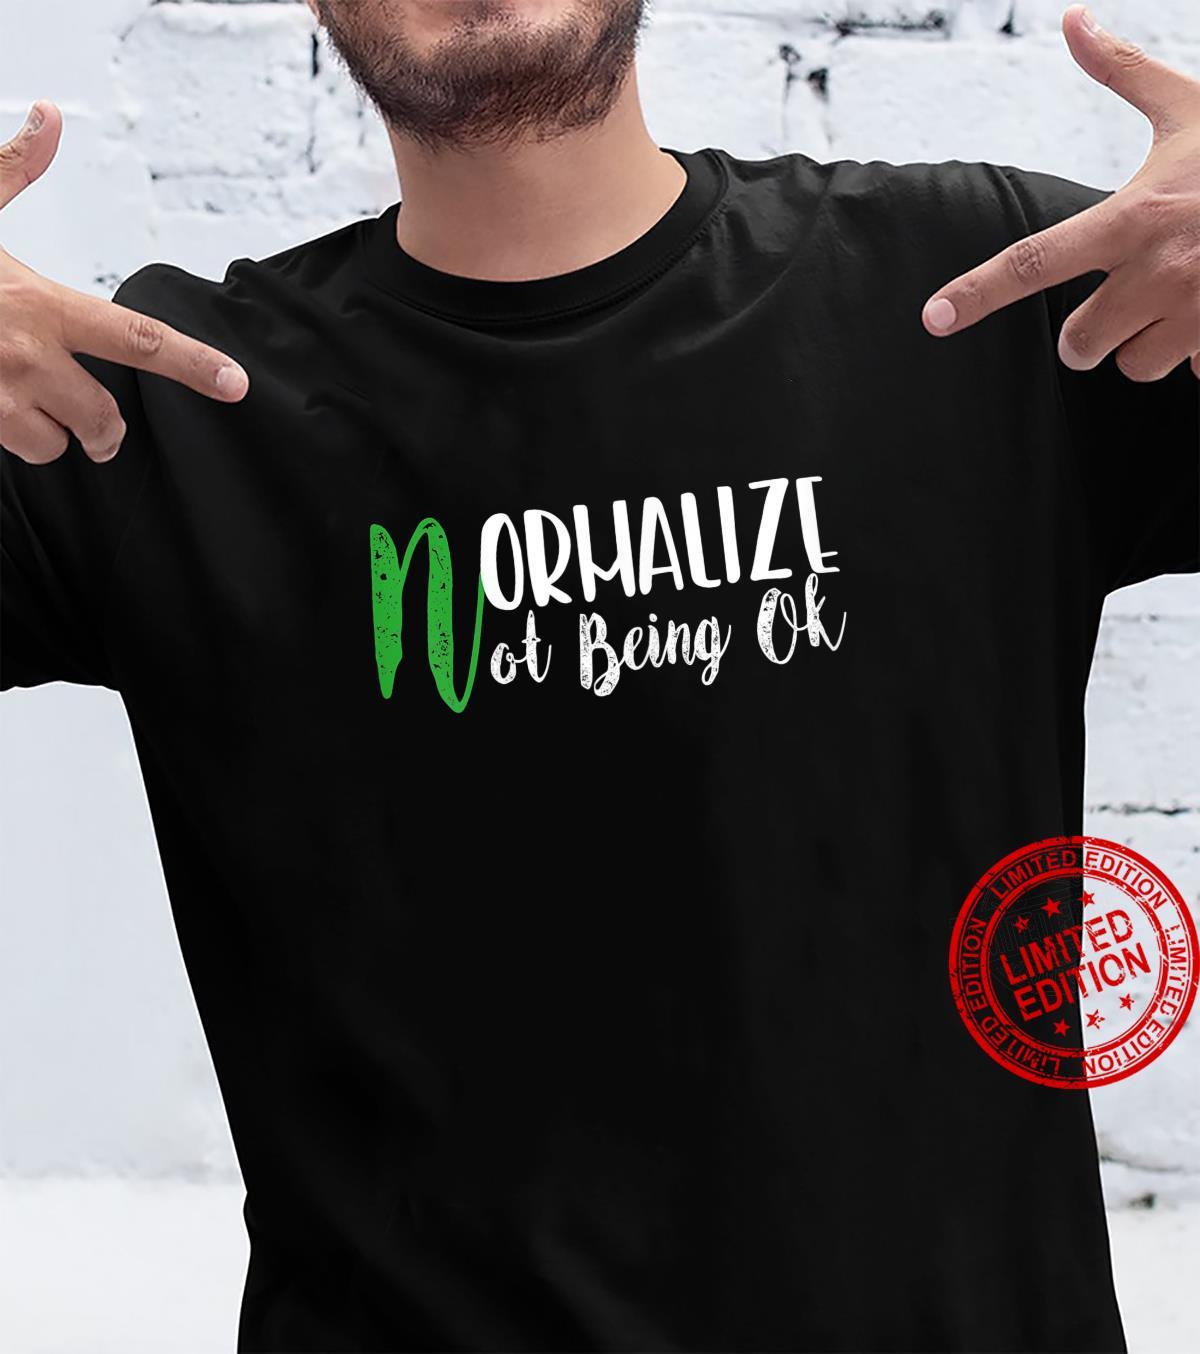 Womenstal Health Awareness Normalize Not Being Ok Shirt